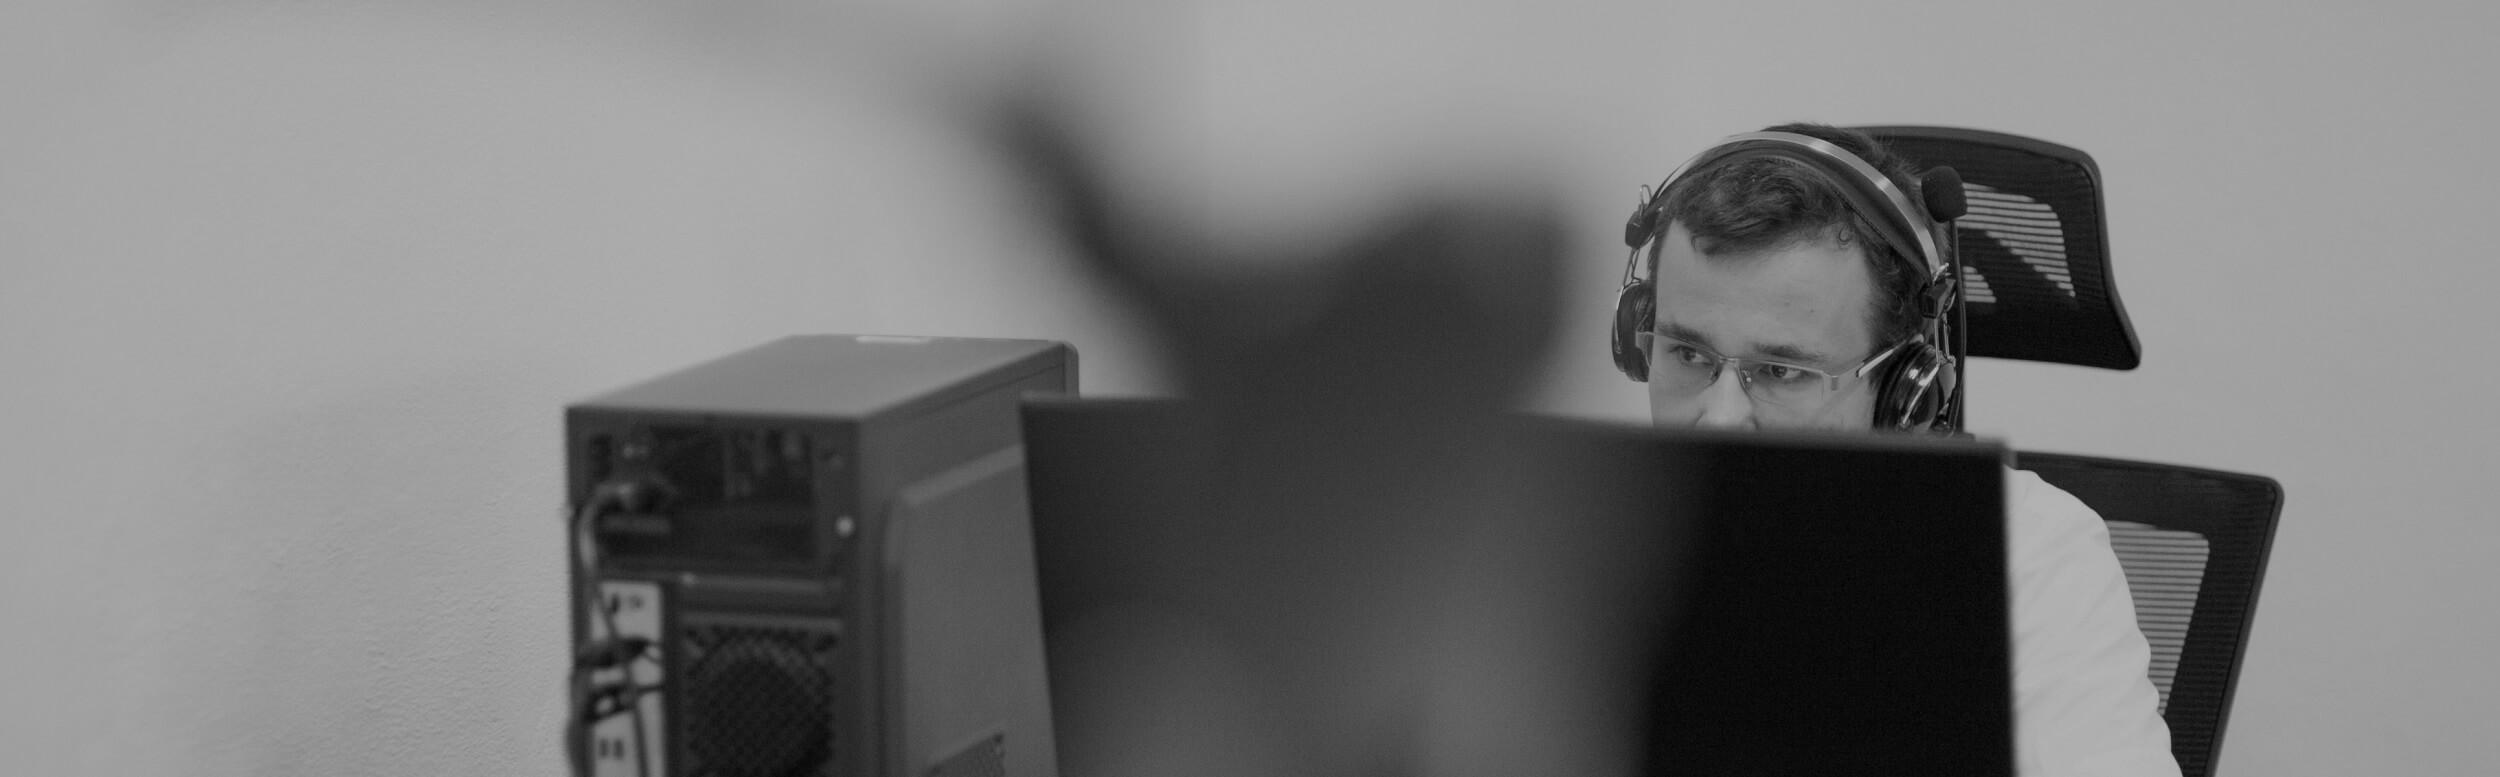 Muž so slúchadlami pracuje za počítačom